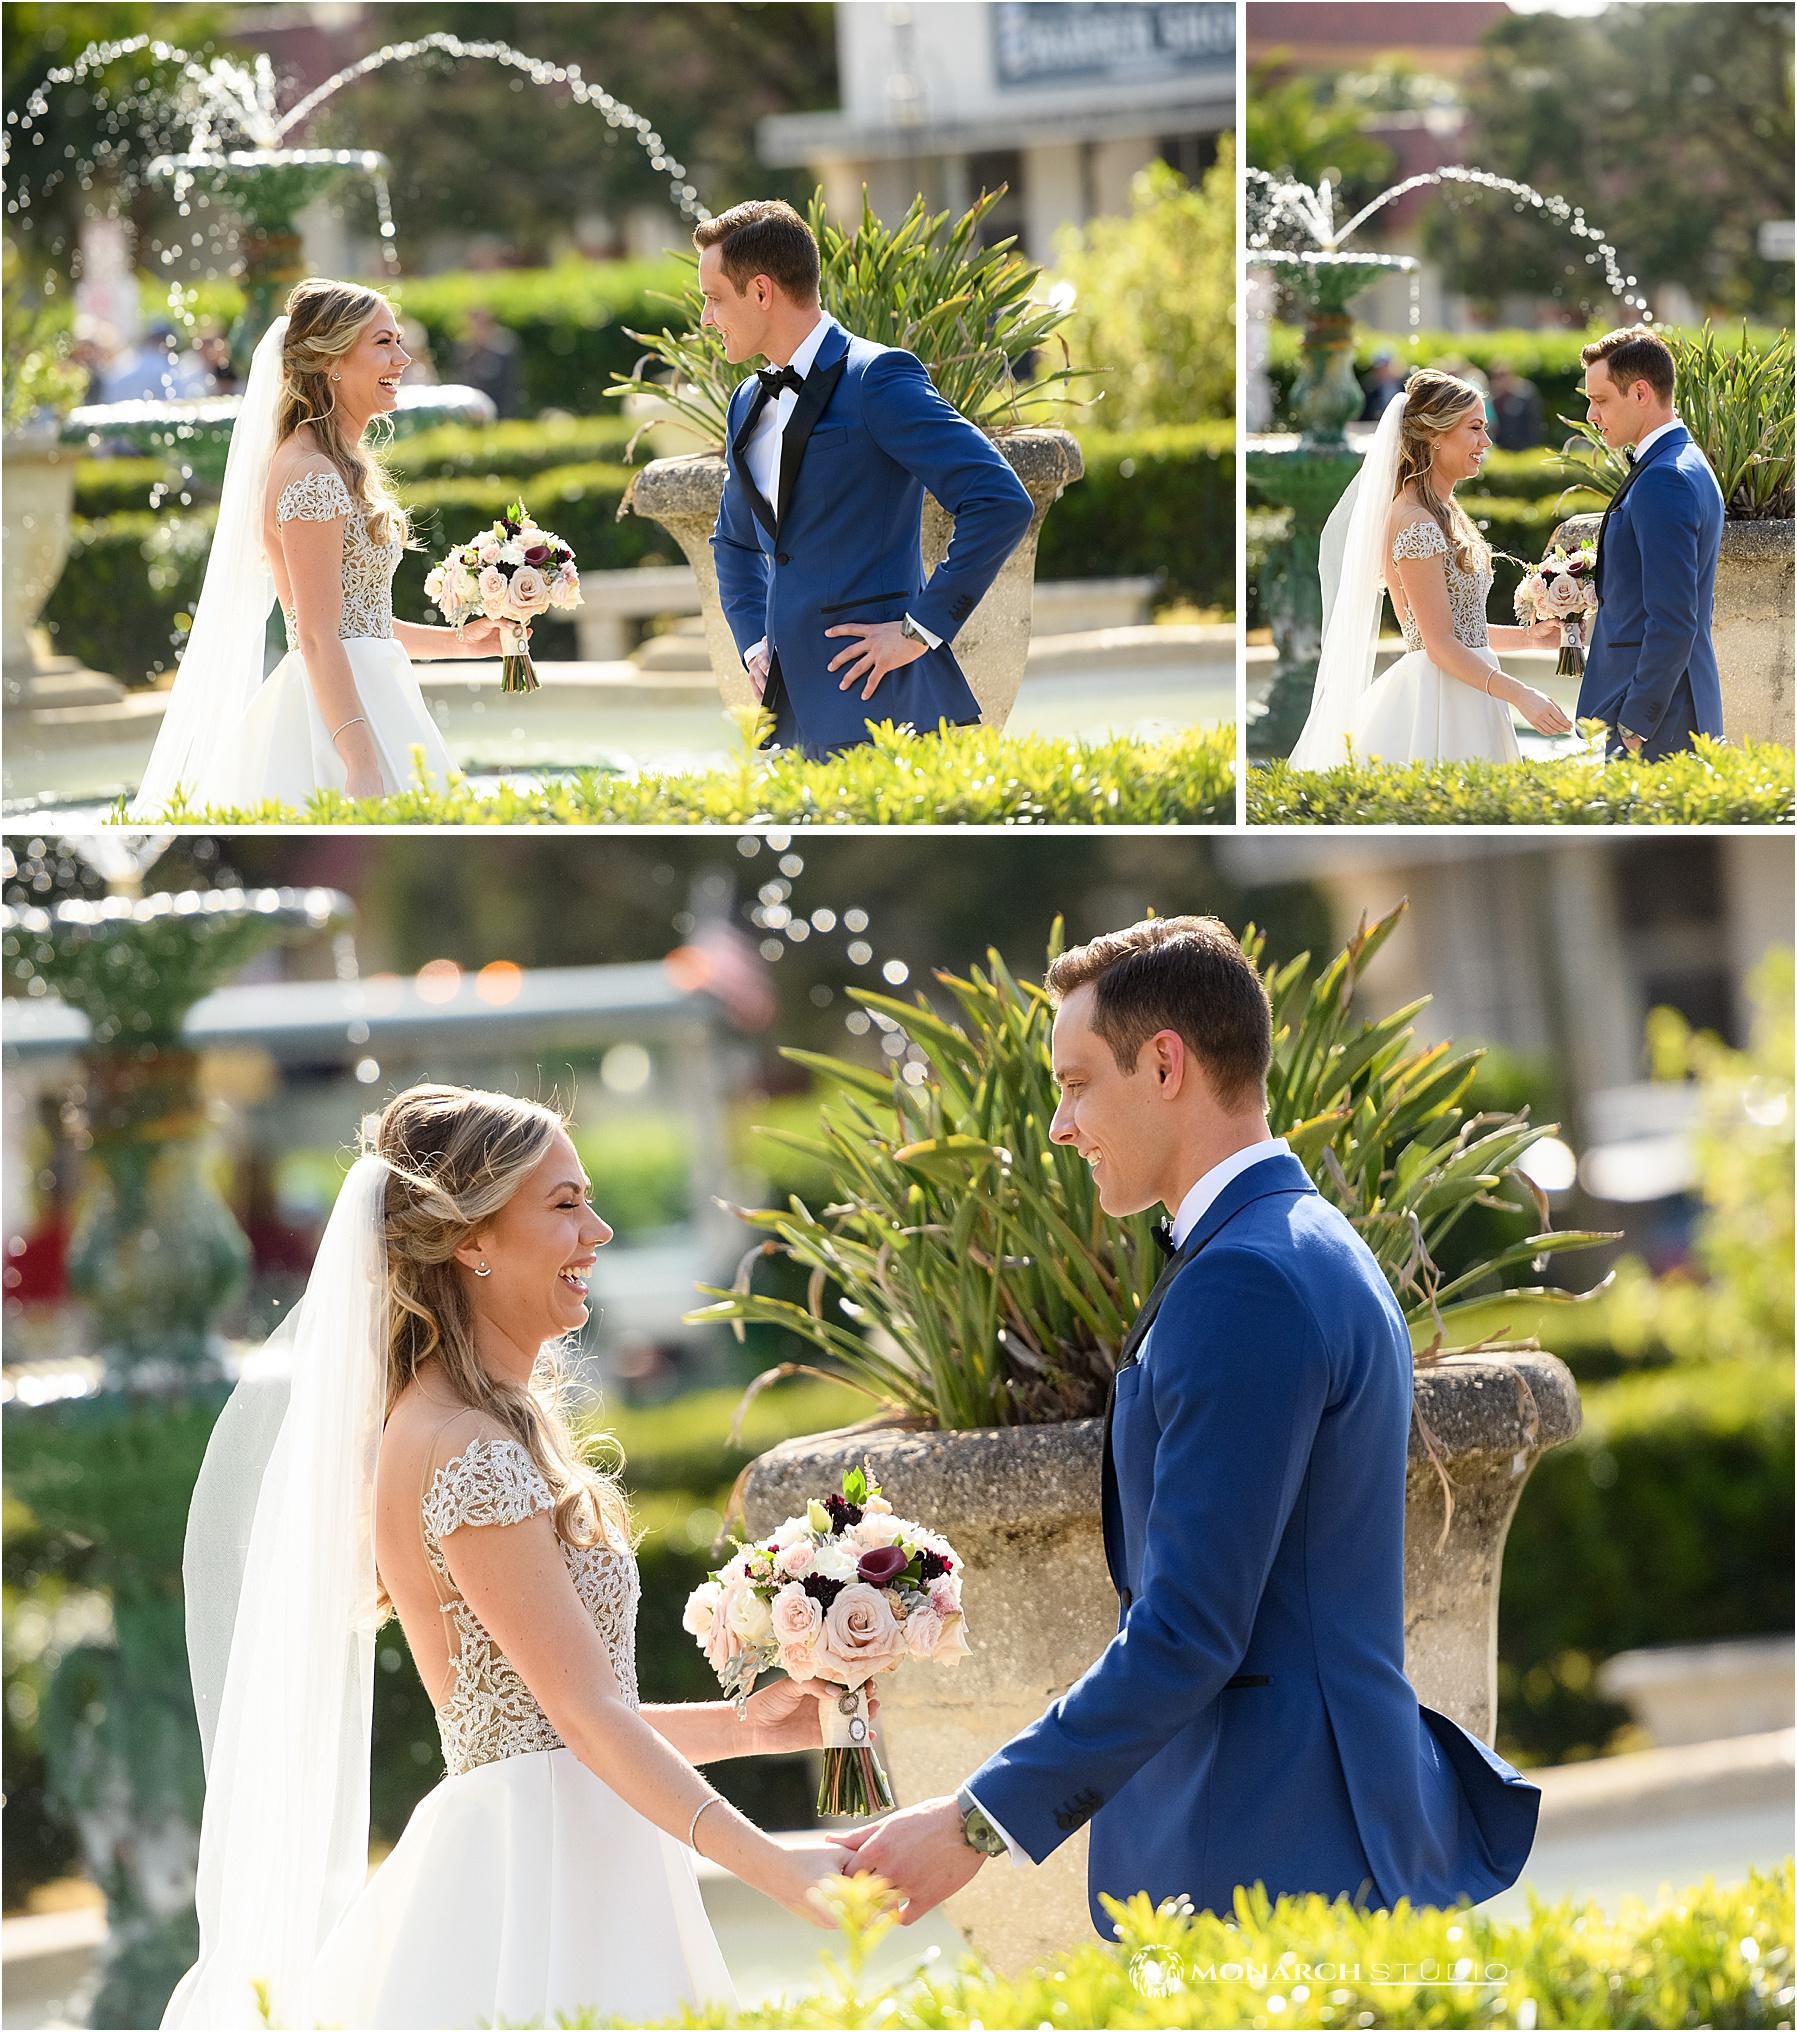 best-saint-augustine-wedding-photographer-2019-023.jpg